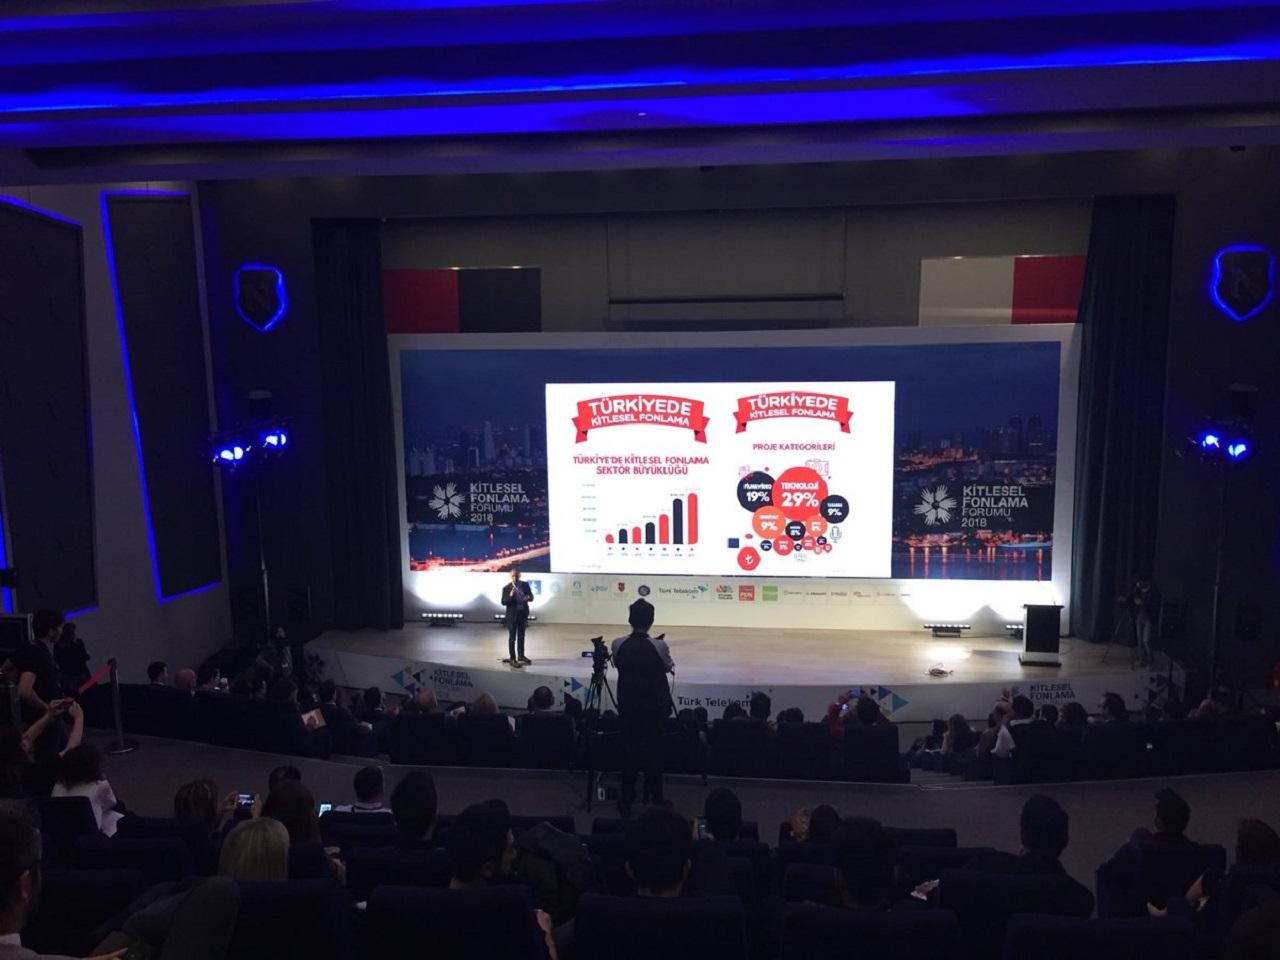 Photo of Girişimcilere Yeni Fonlama Sistemi, Kitlesel Fonlama Forum'da Konuşuldu!